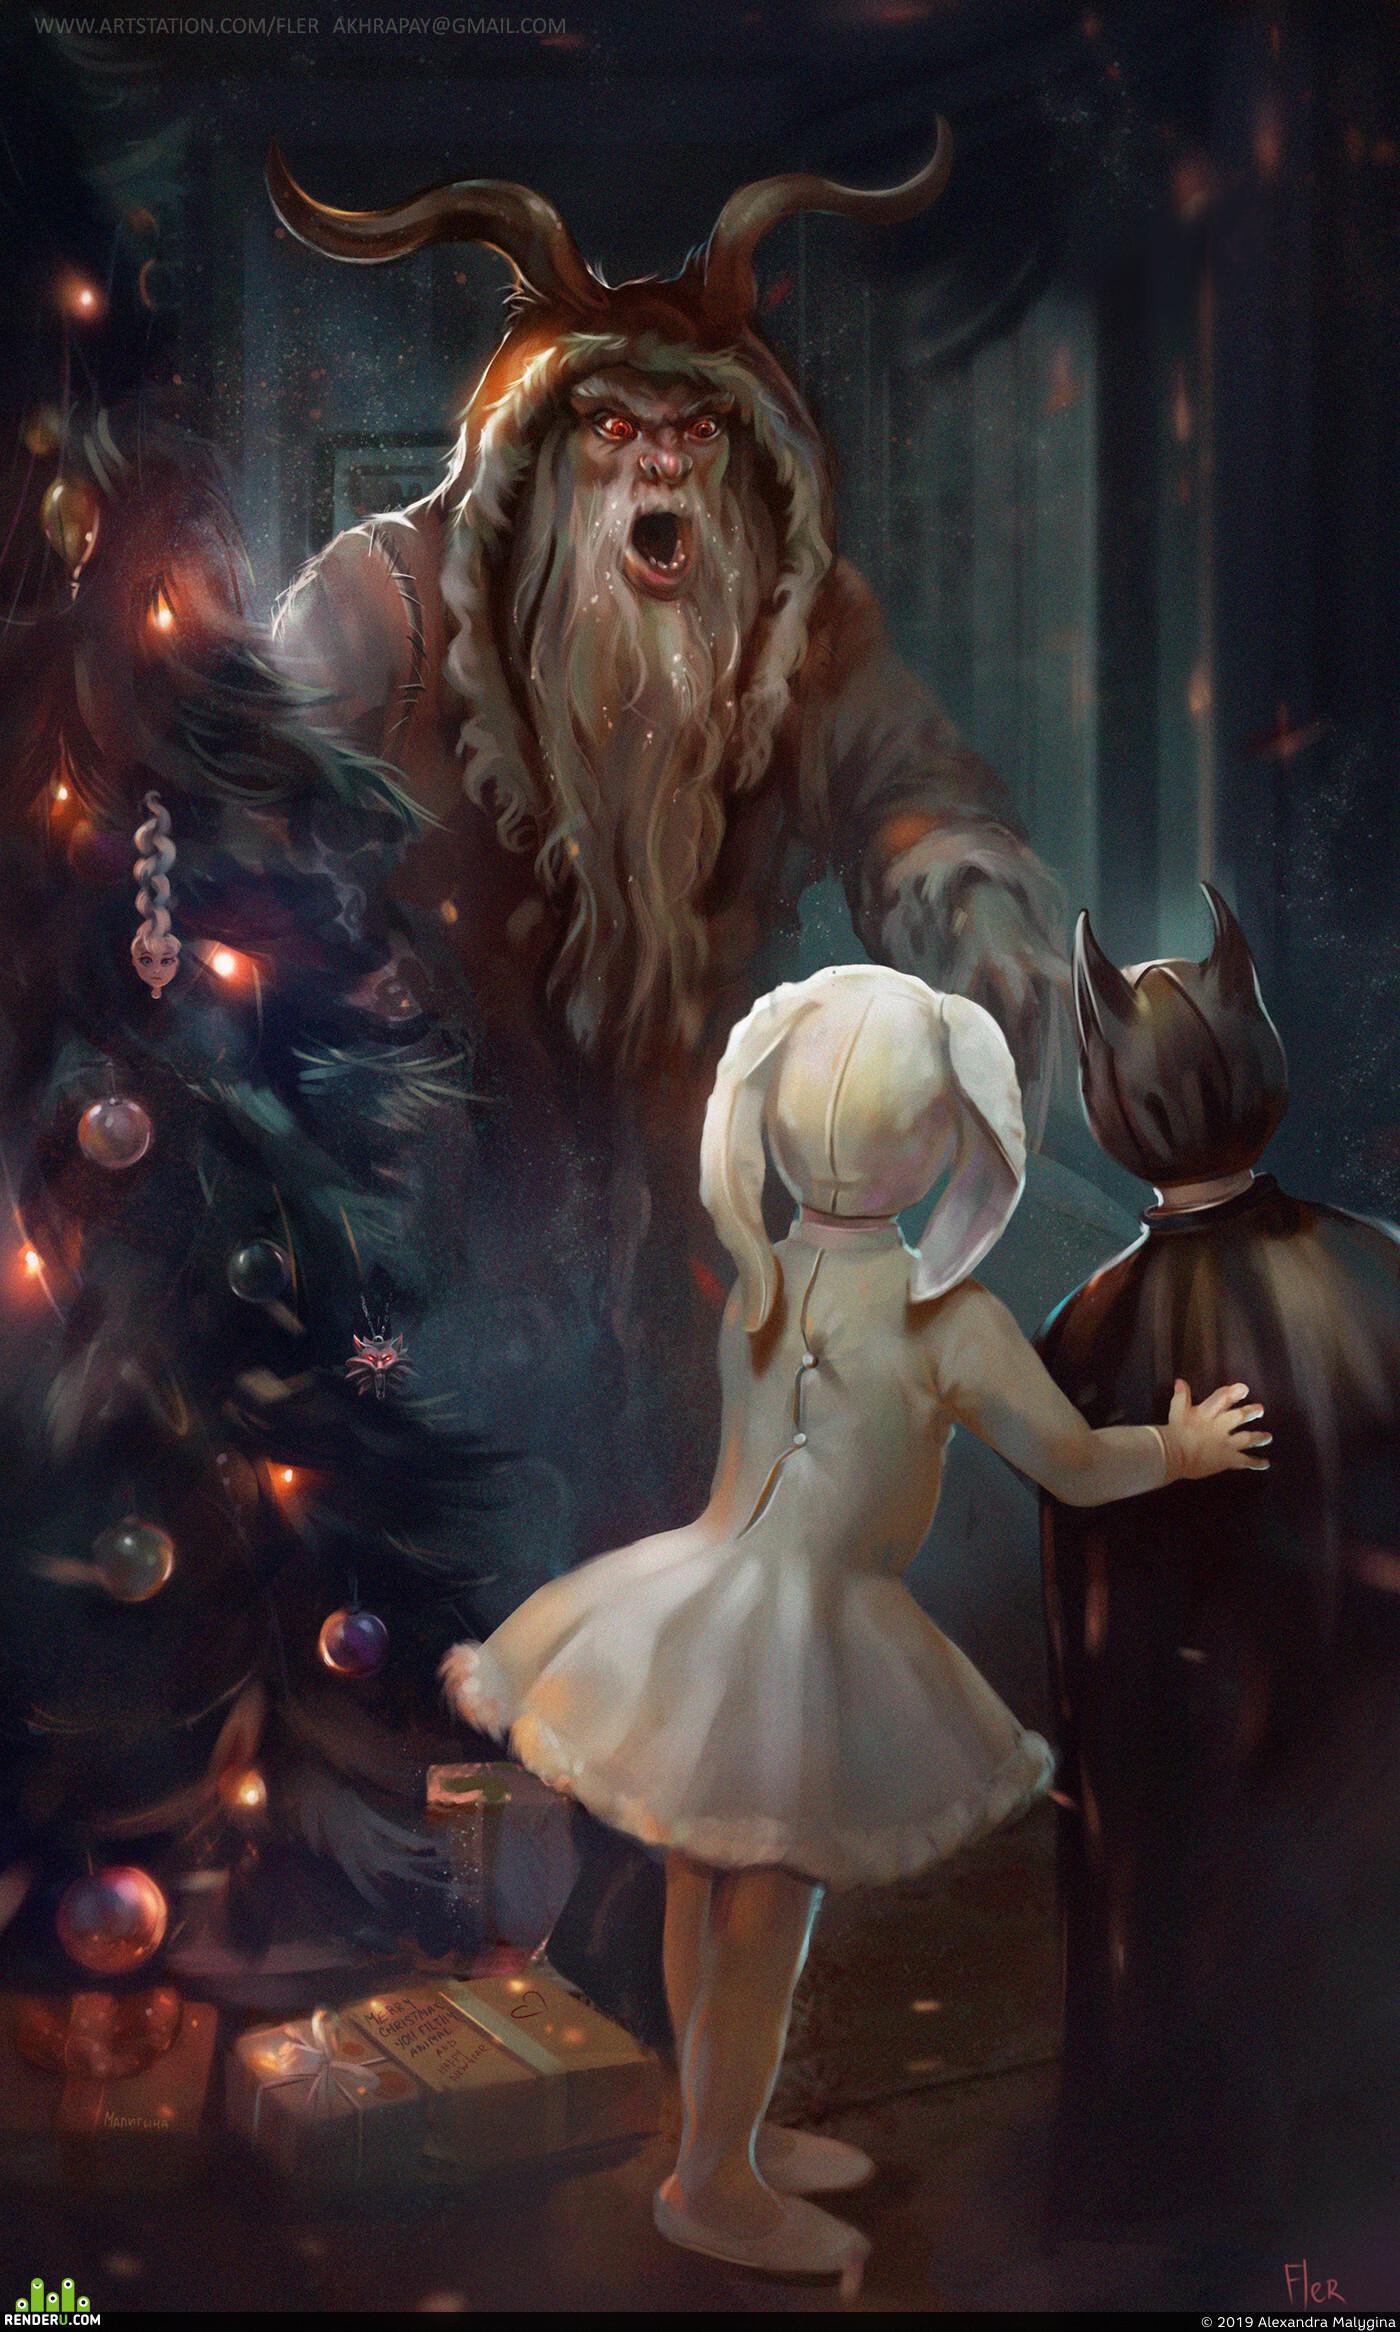 новый год, дед мороз, Крампус, ужасы, Иллюстрация, страх, рождество, дети, костюми, фентези